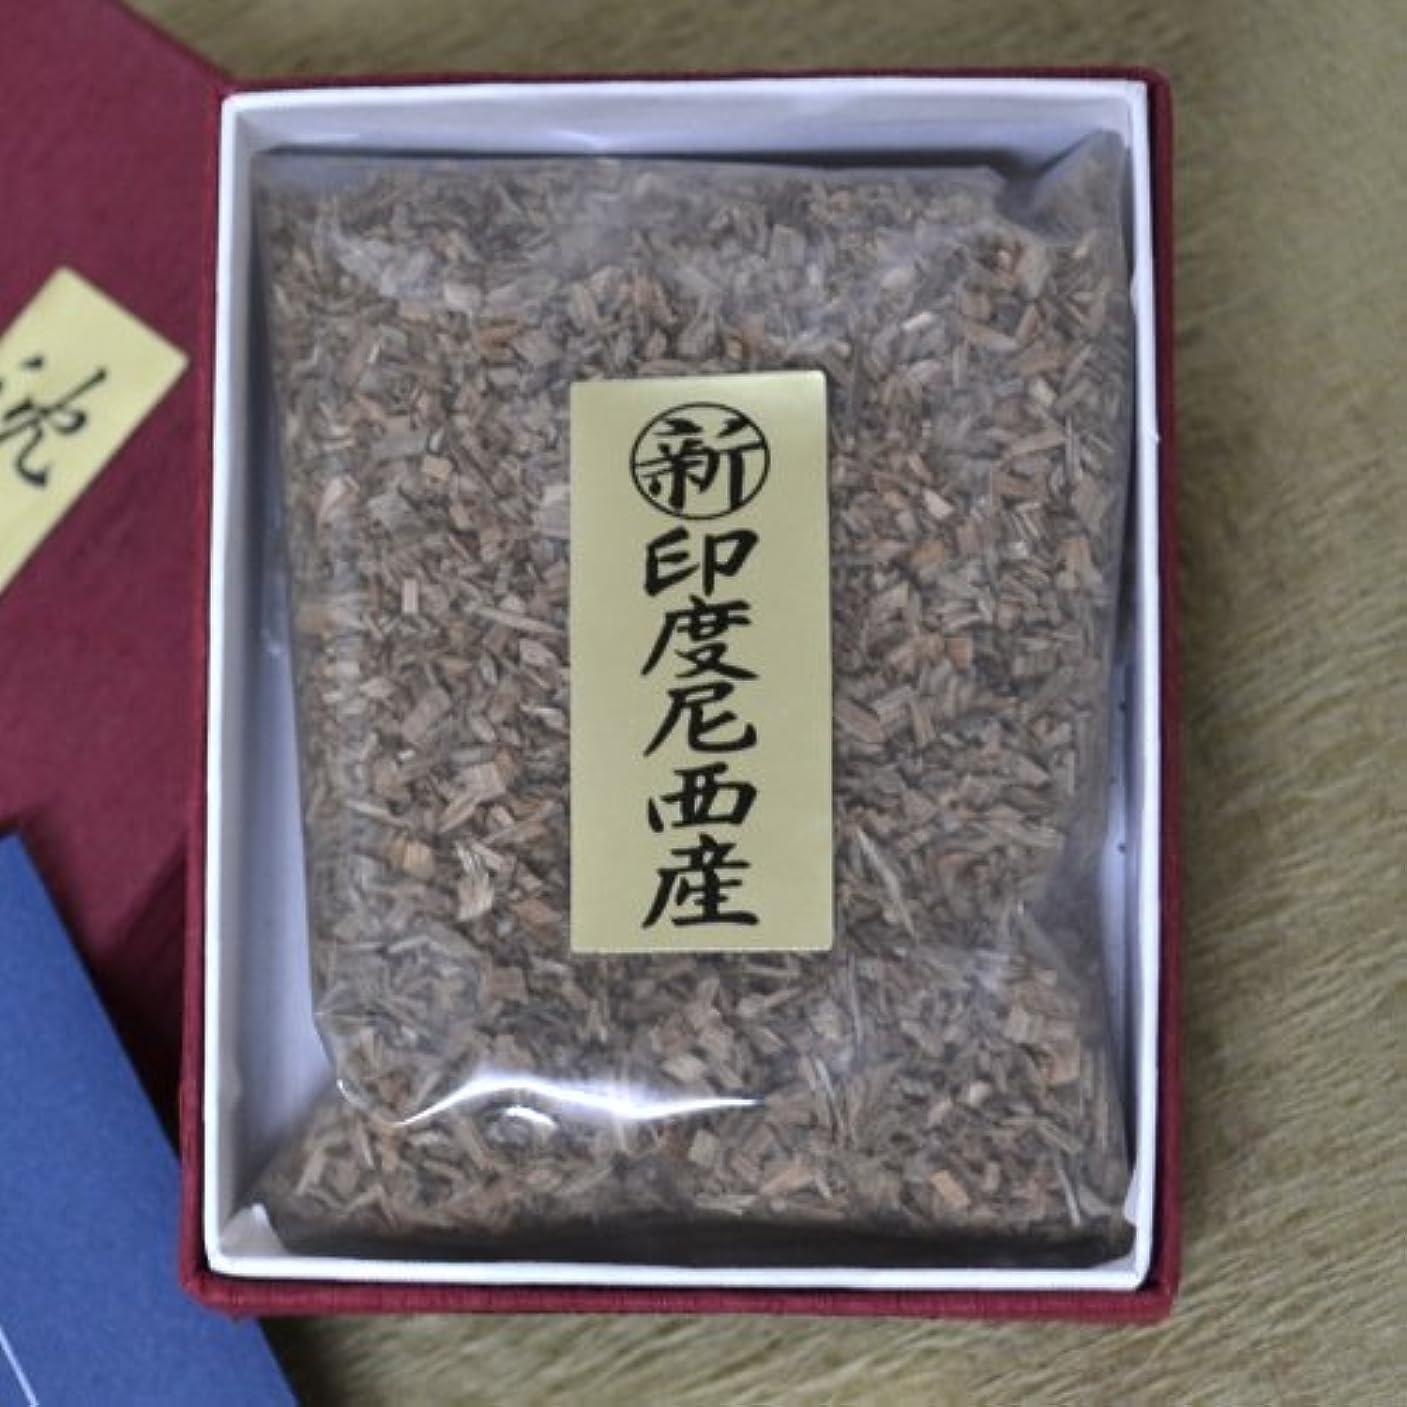 マーカーホステルラビリンス香木 お焼香 新インドネシア産 沈香 【最高級品】 18g